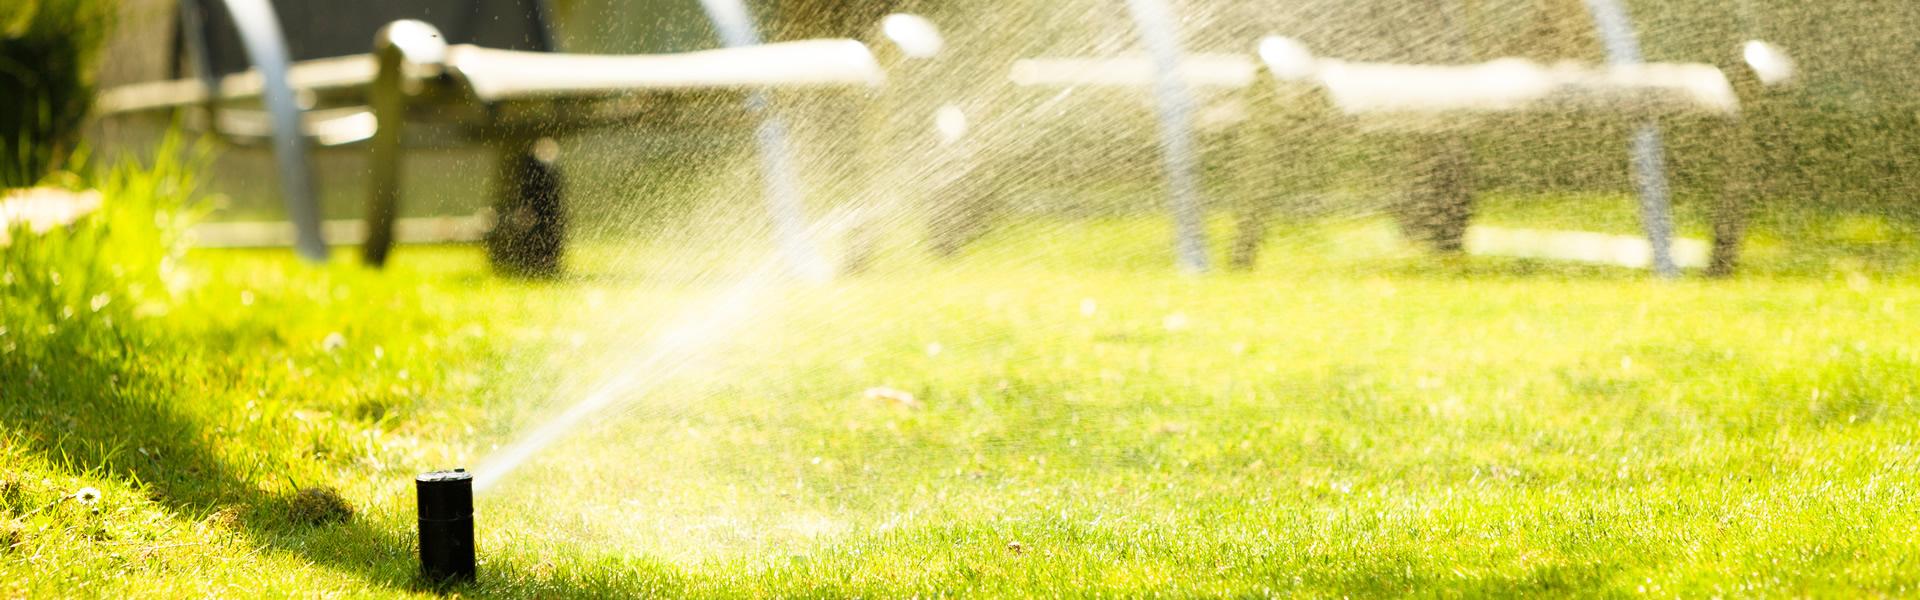 manutenzione impianti irrigazione novara, biella, vercelli